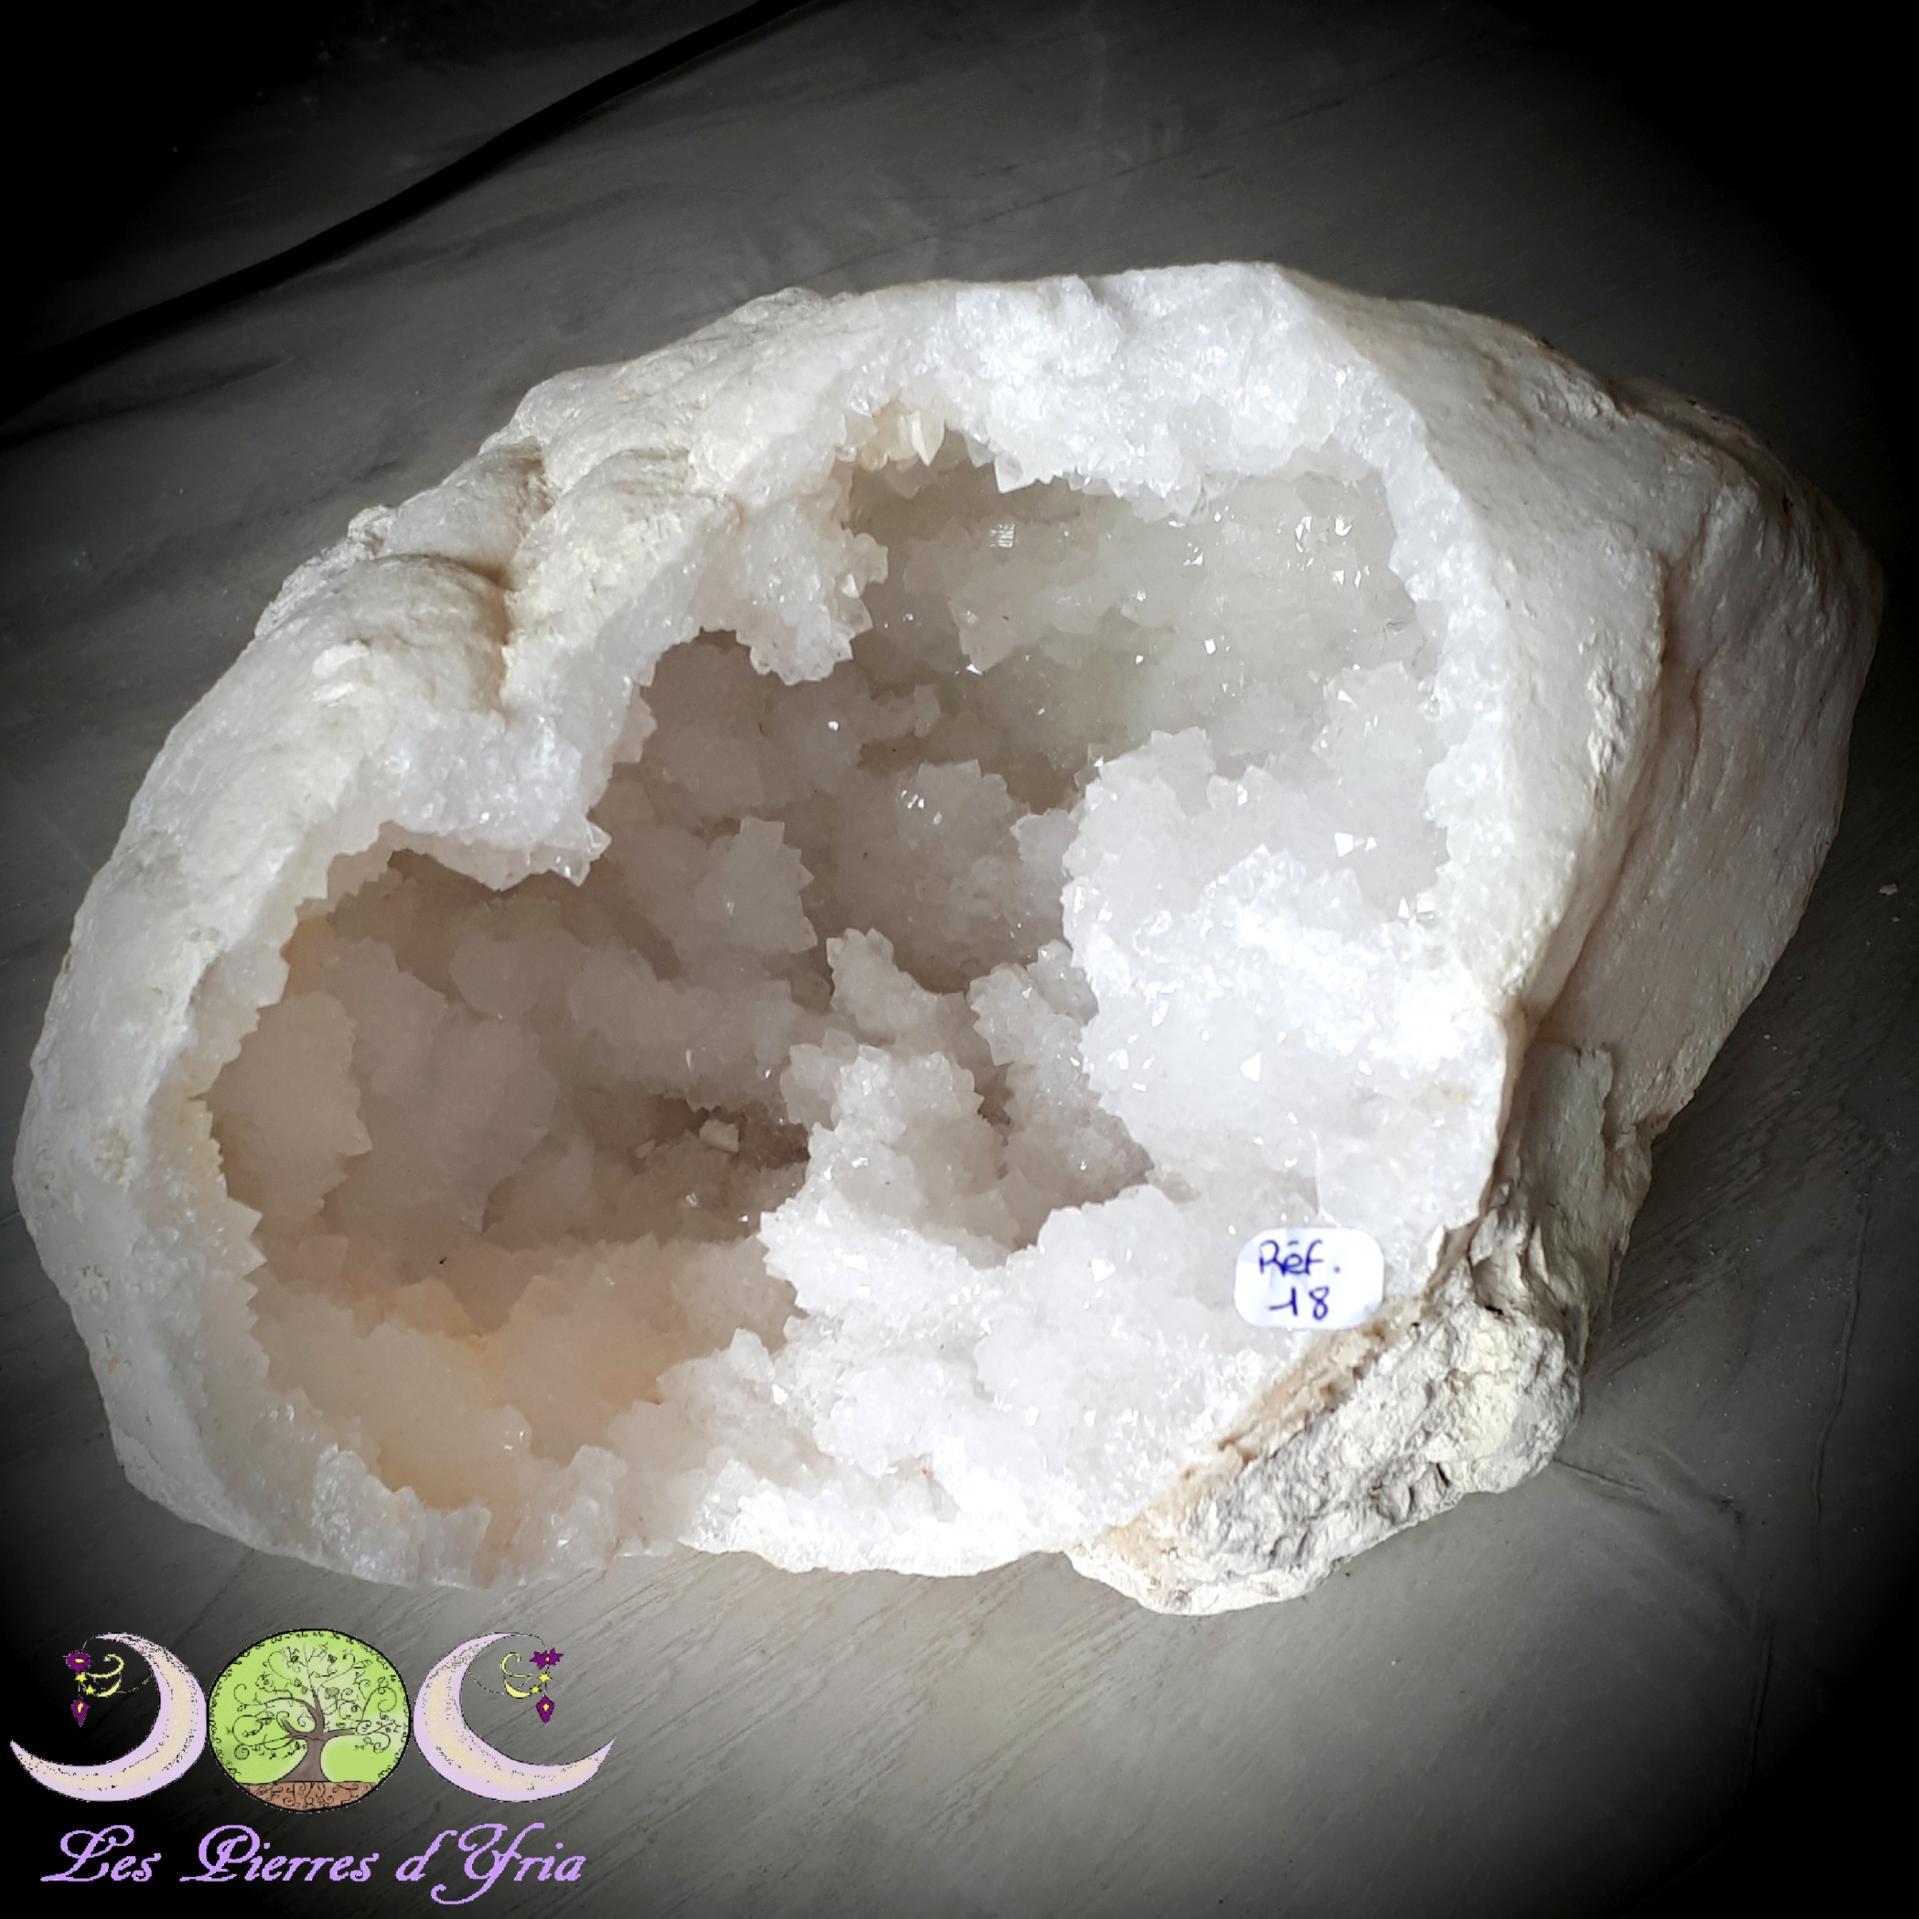 Geode r18 gf